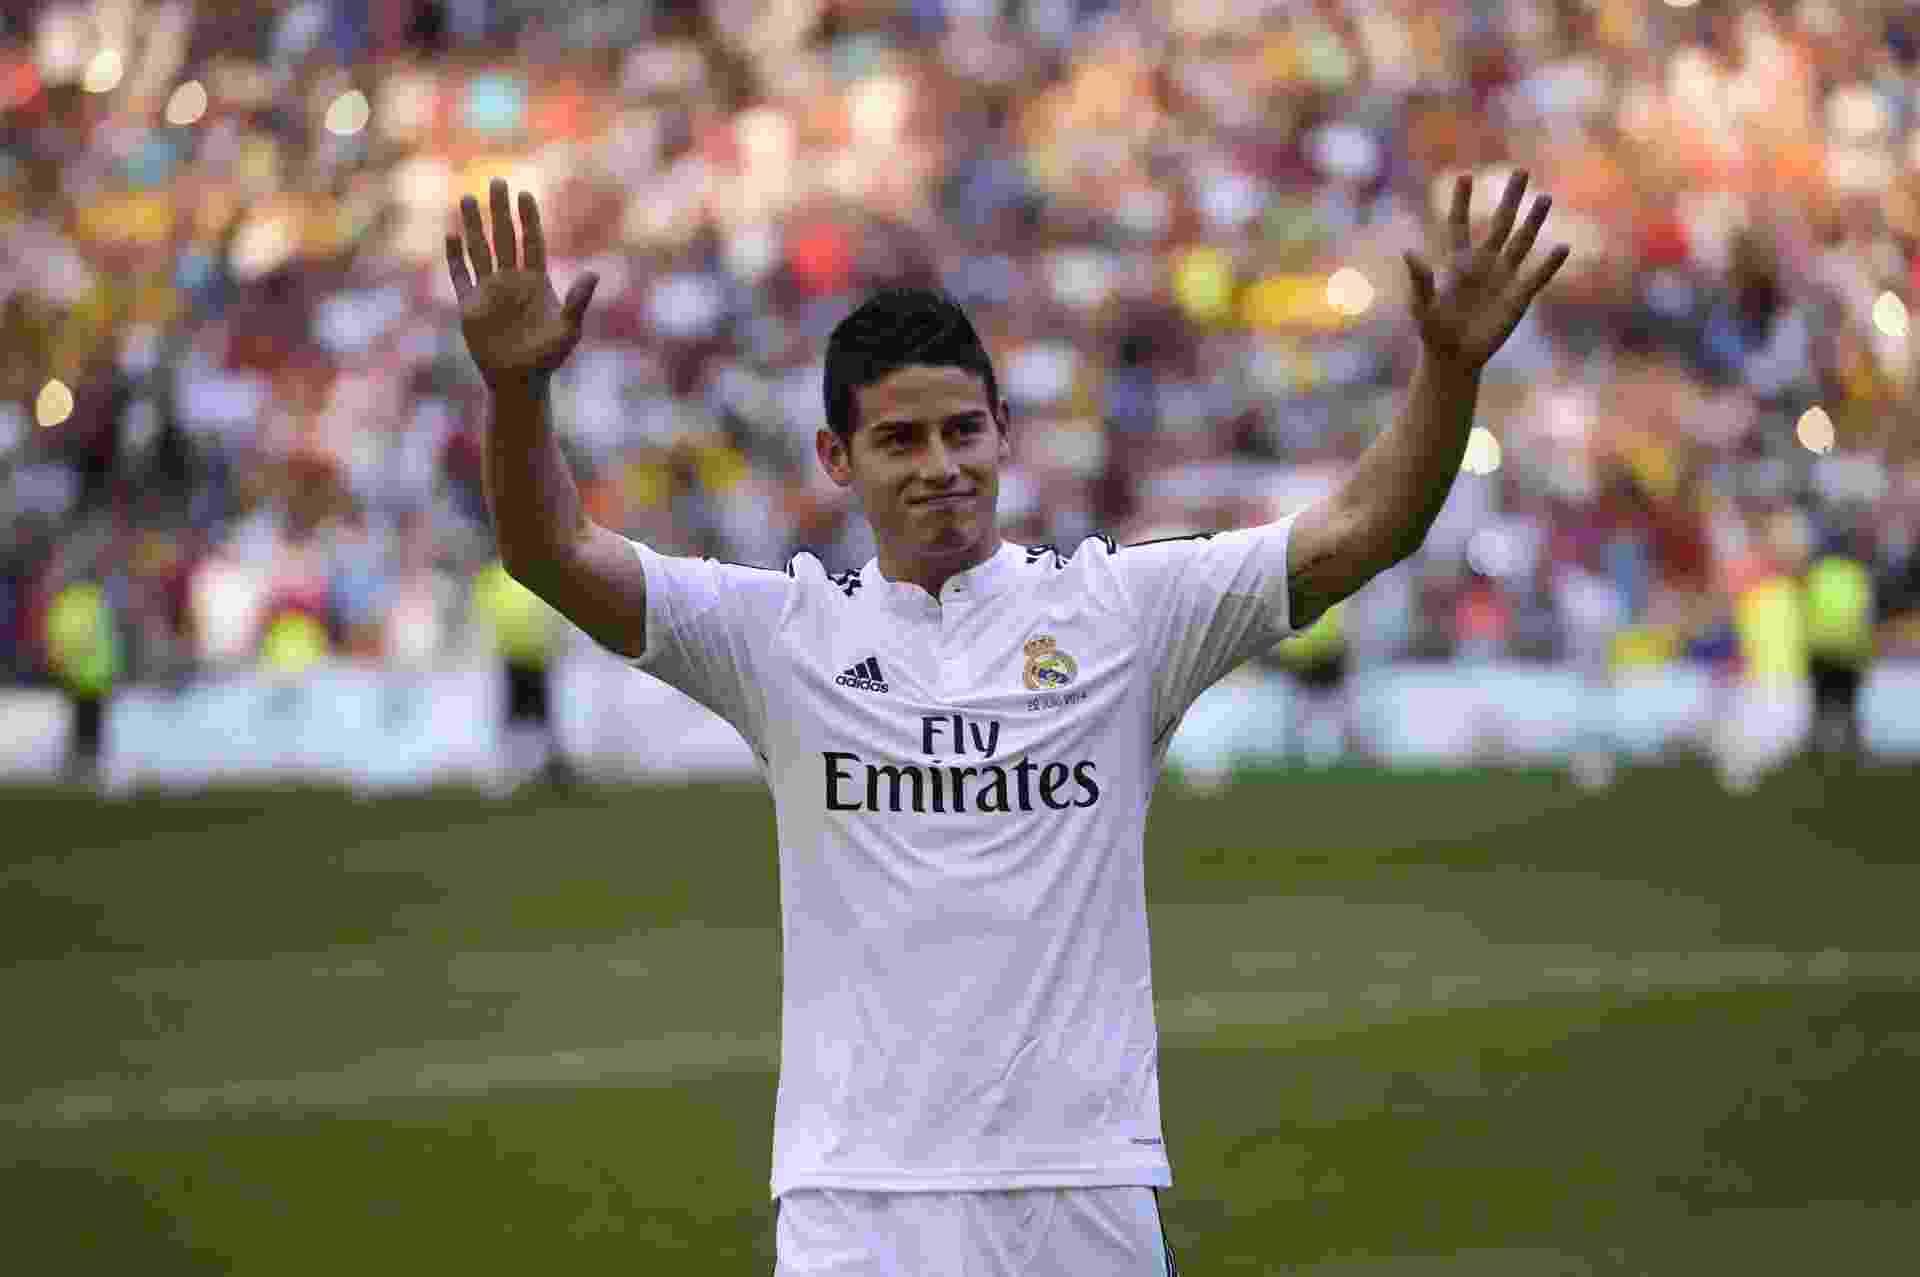 James Rodríguez veste a camisa do Real Madrid em sua apresentação no Santiago Bernabéu - Pierre-Philippe Marcou/AFP Photo